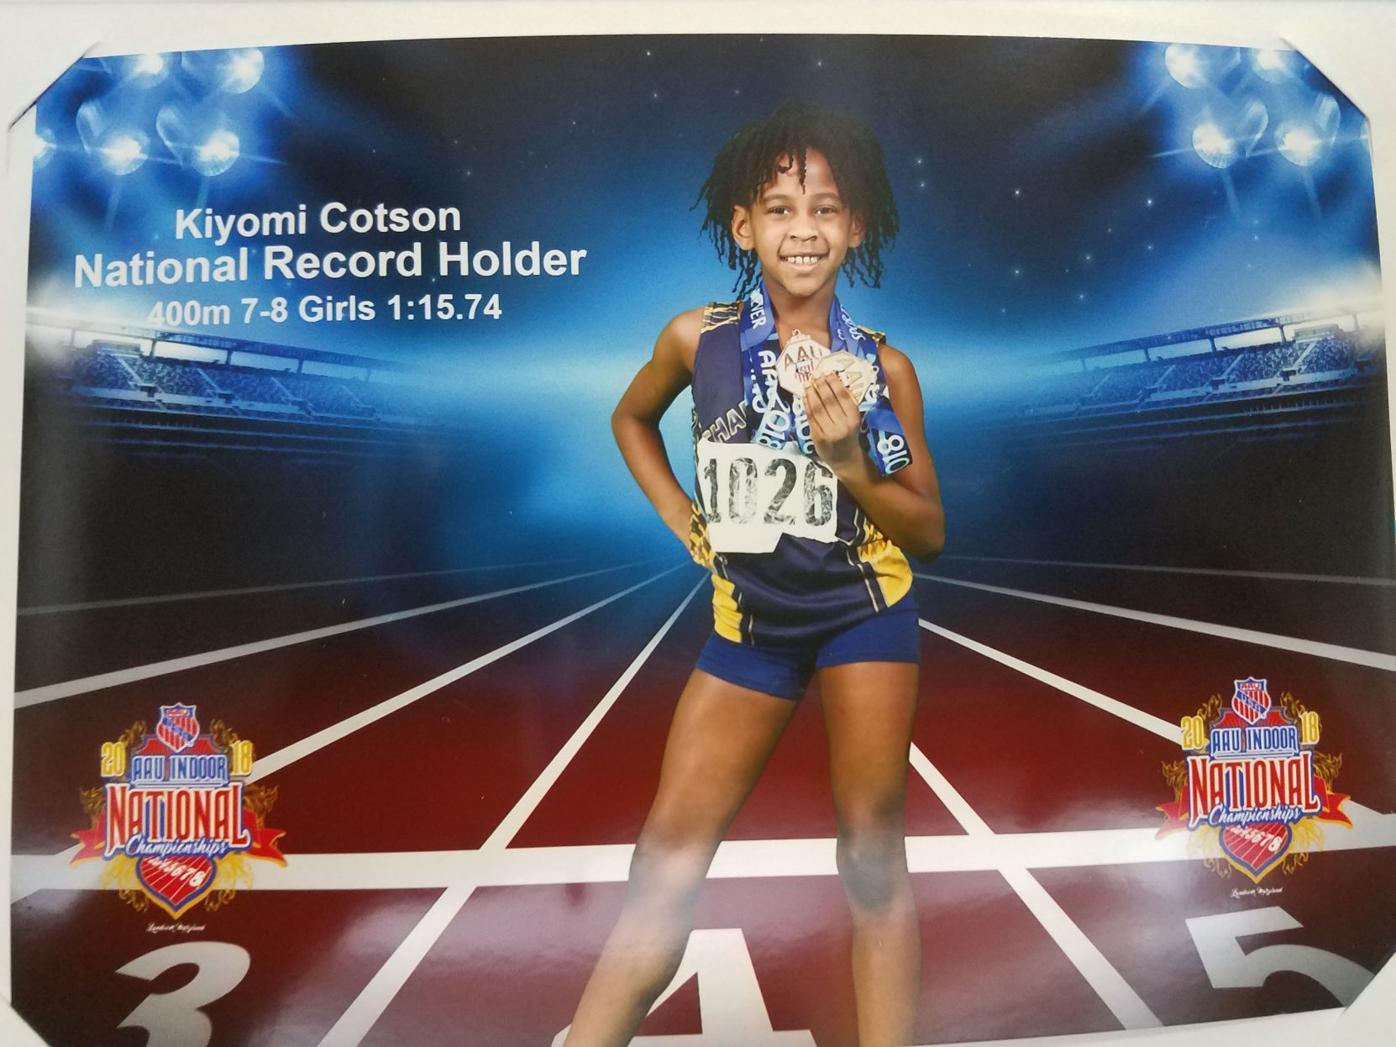 Kiyomi Cotson